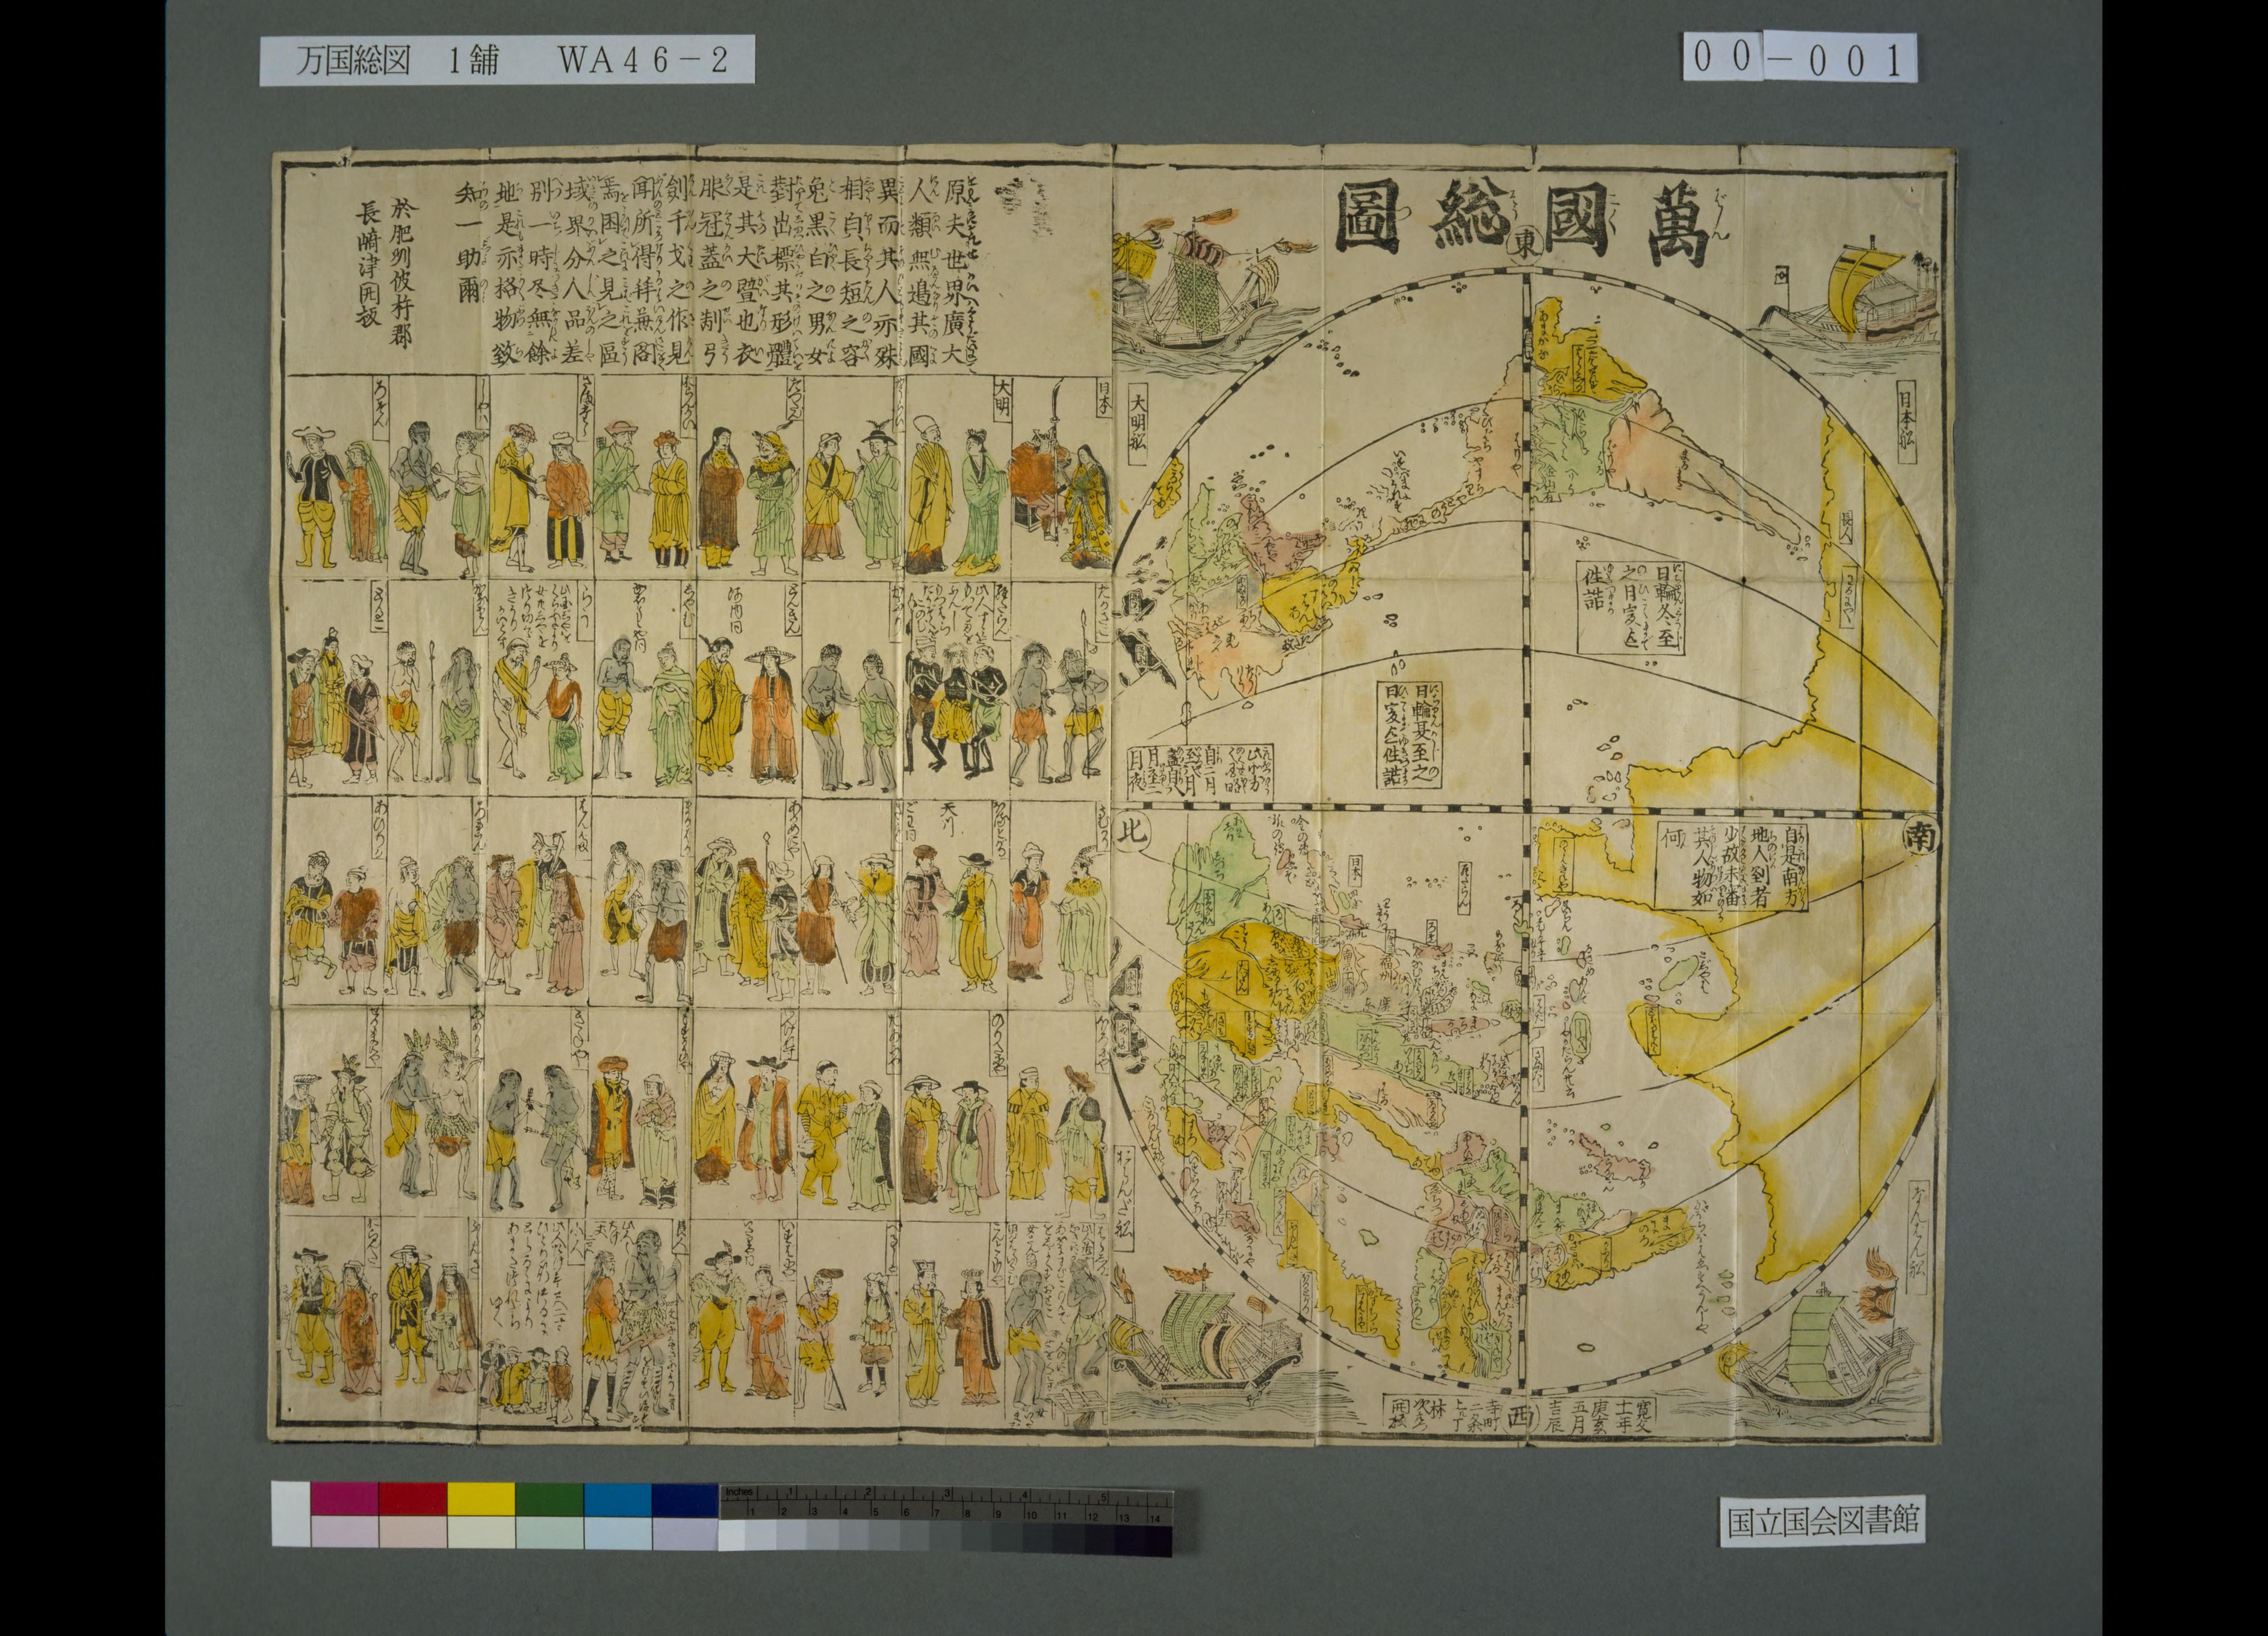 FileWorld Map From Japan Bankoku Sozu Jpg Wikimedia Commons - Japan map 2014